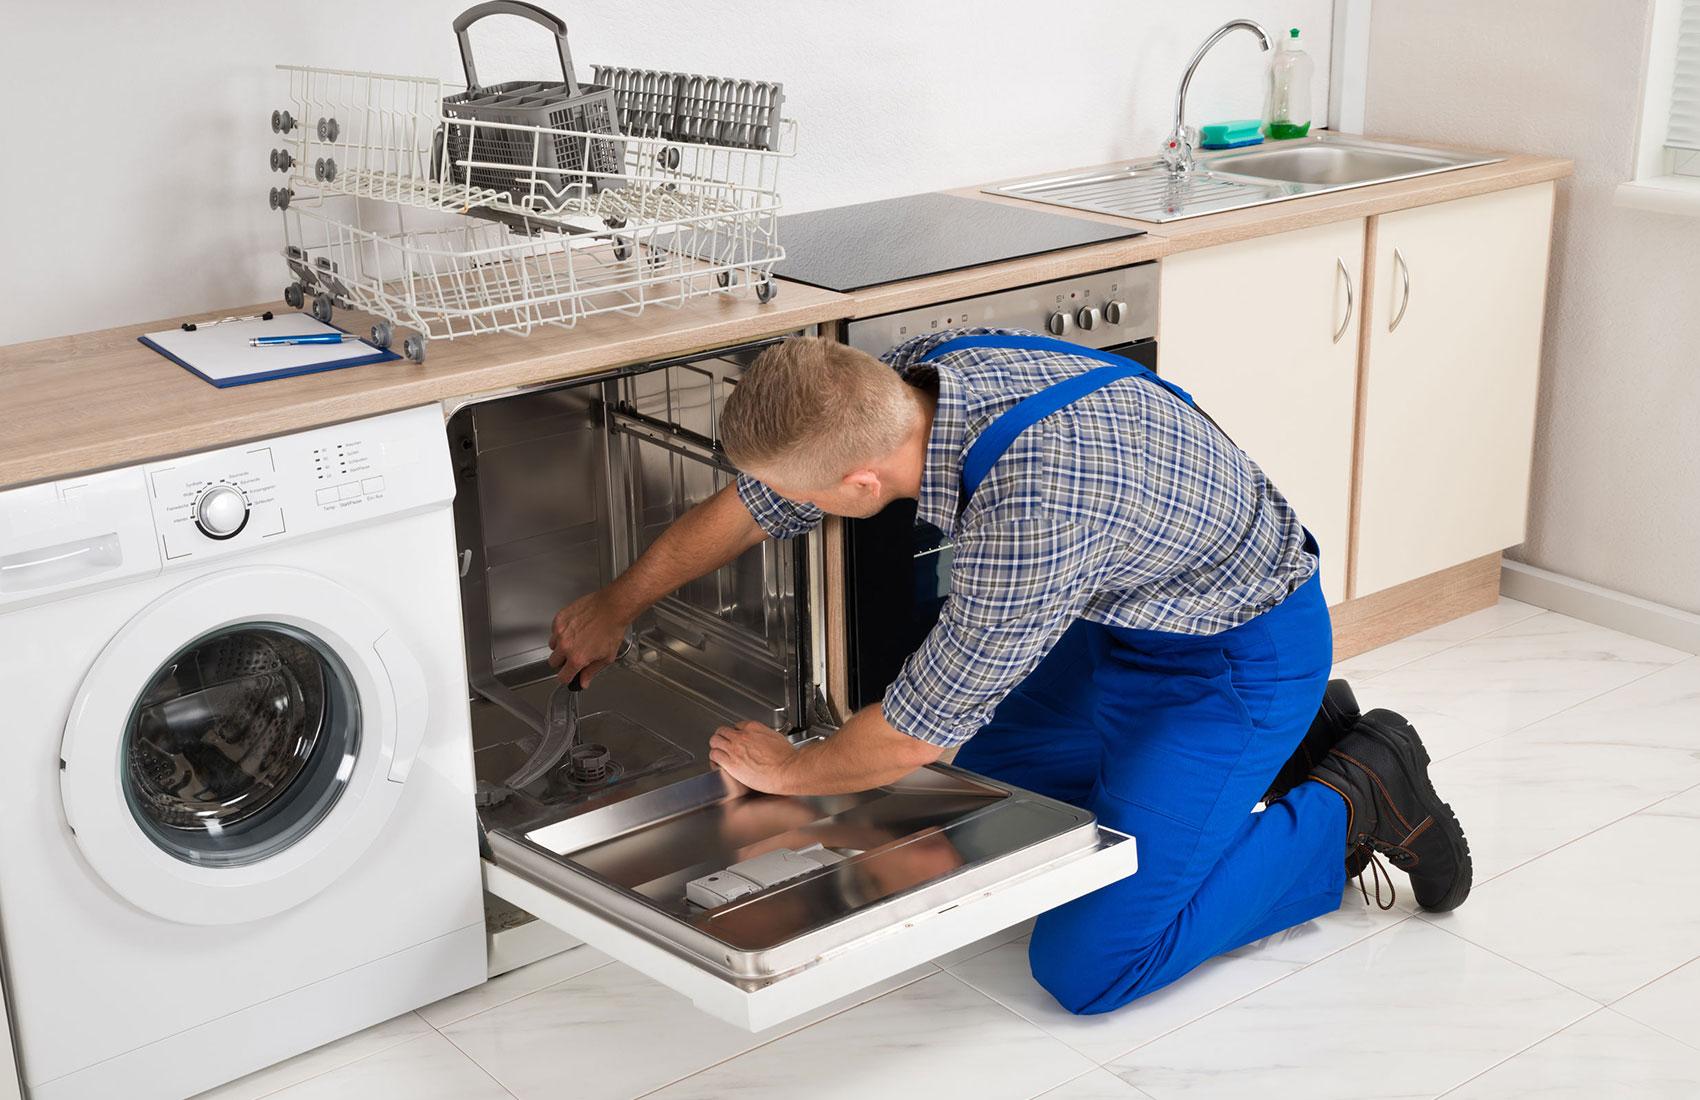 pannes les plus fréquentes sur lave-vaisselle